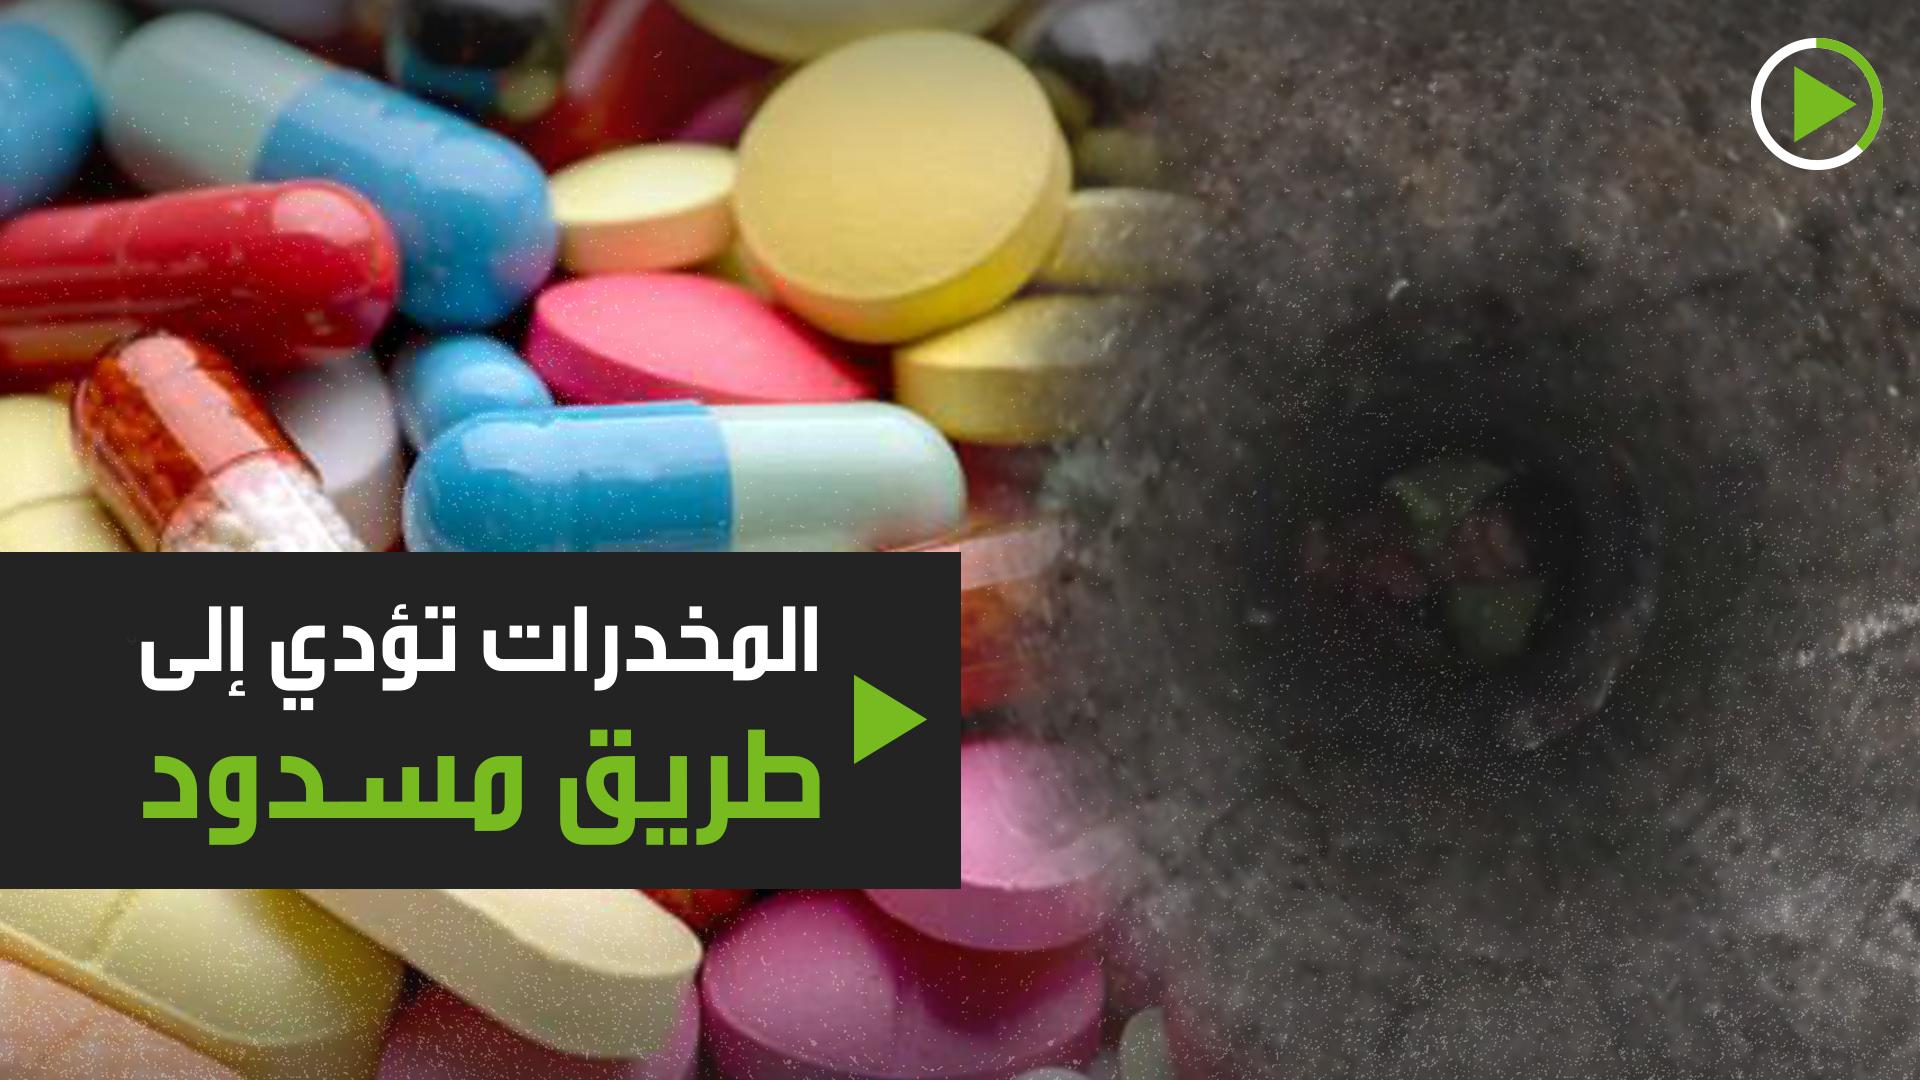 المخدرات تؤدي إلى طريق مسدود